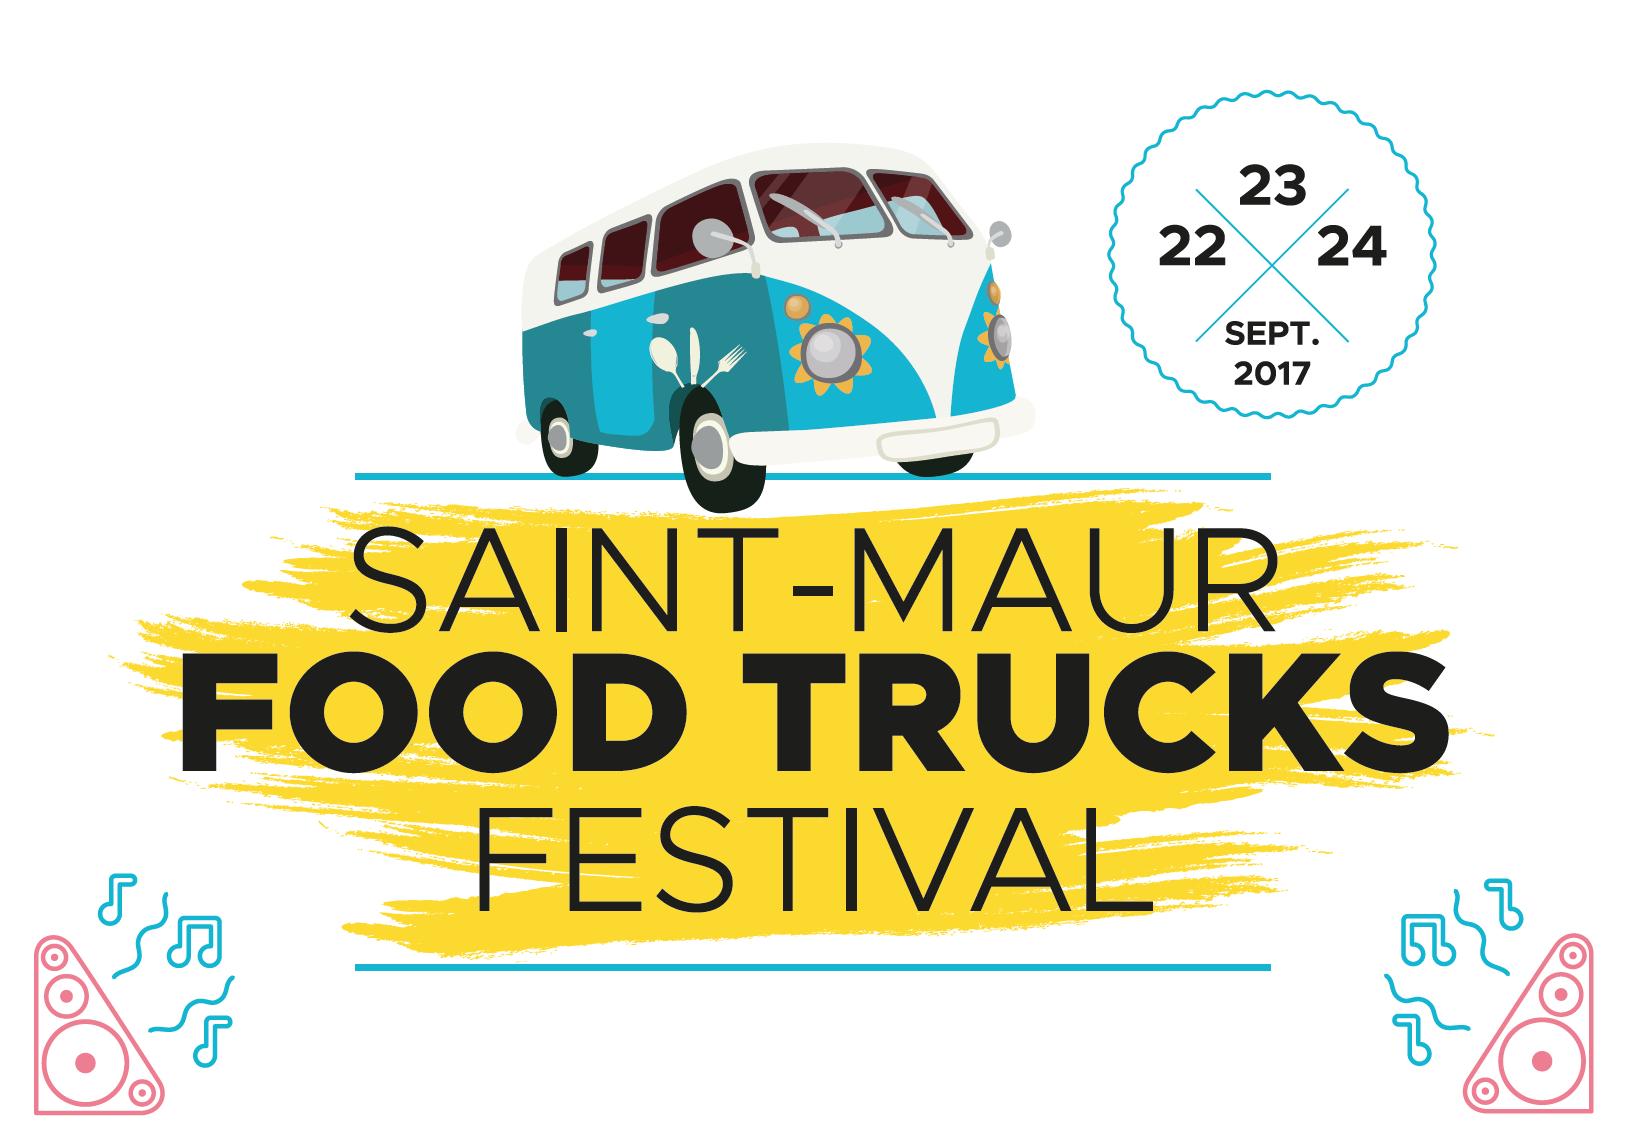 Saint-Maur Food Trucks Festival : un festival unique en Île-de-France